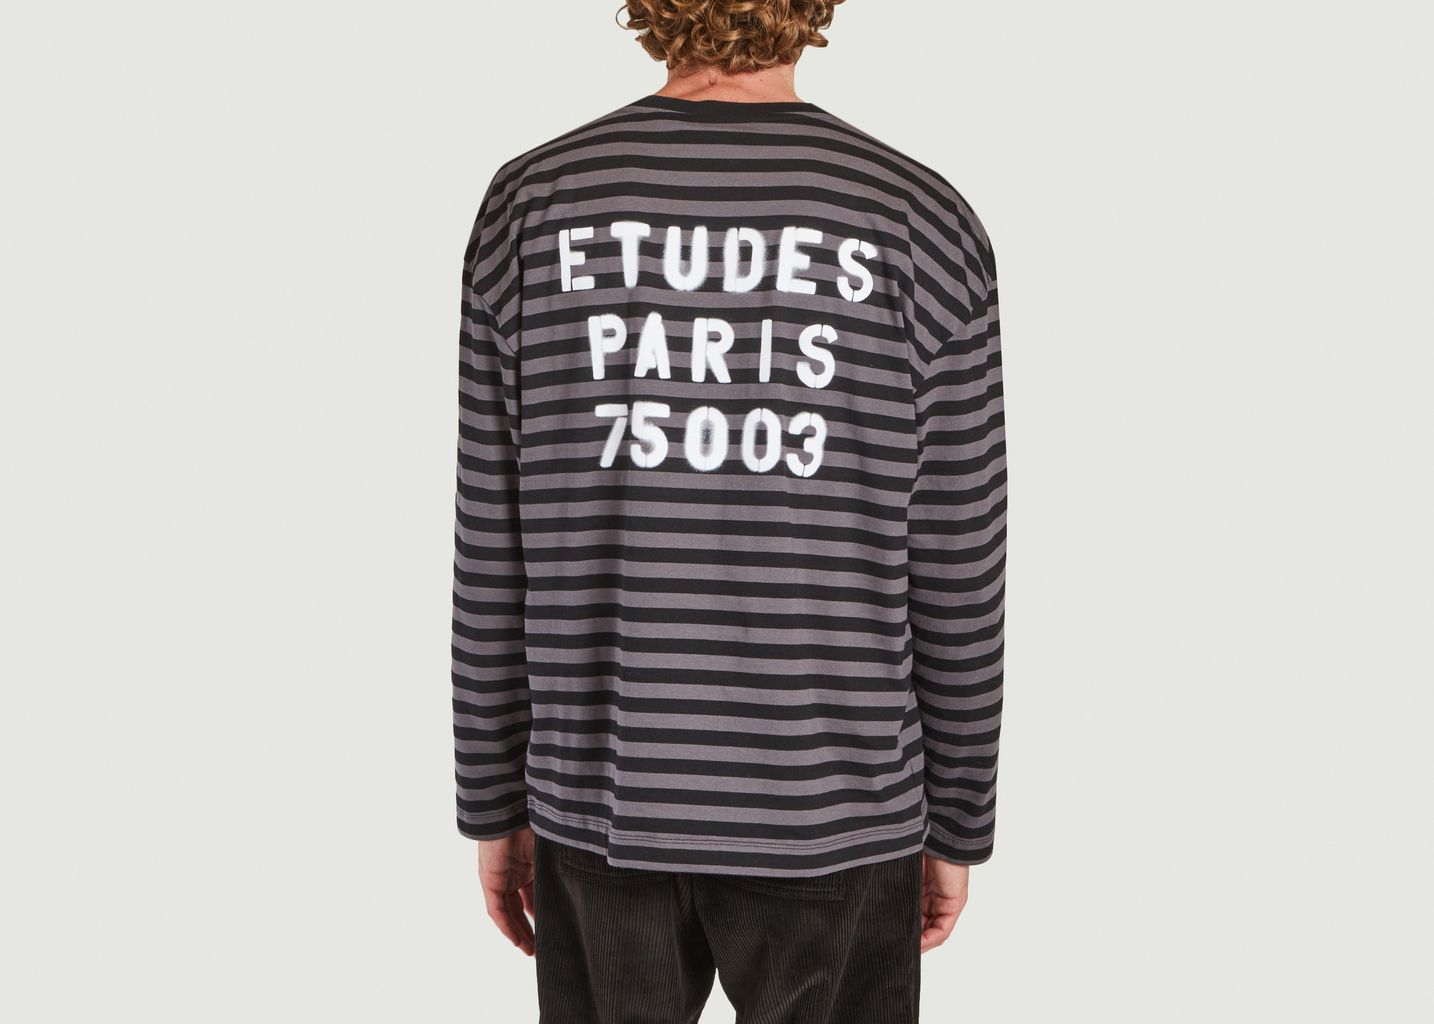 Tee-shirt à rayures  - Études